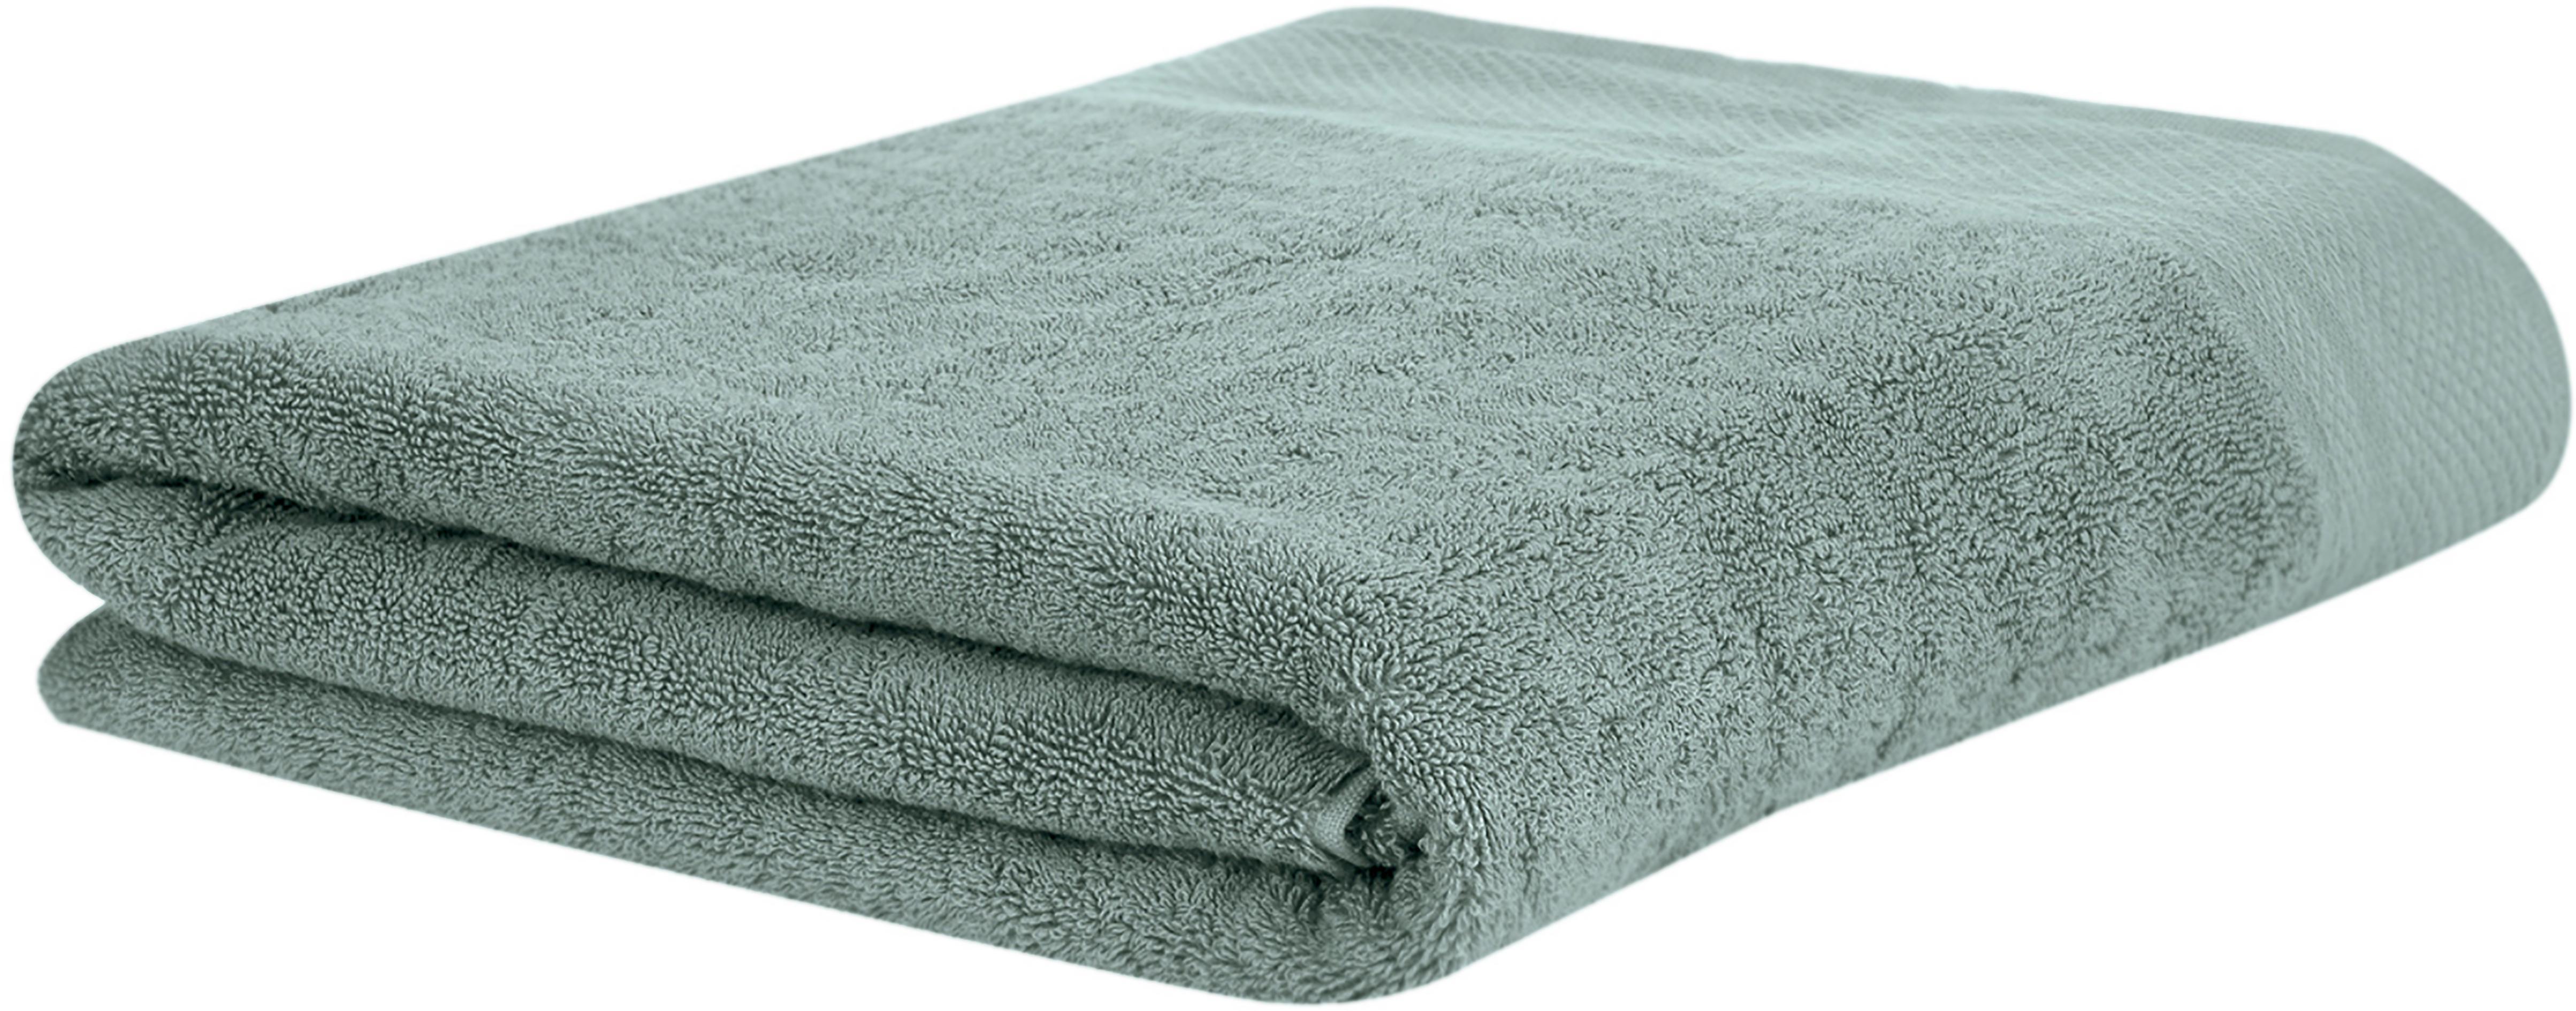 Toalla con cenefa clásica Premium, 100%algodón Gramaje superior 600g/m², Verde salvia, Toalla baño